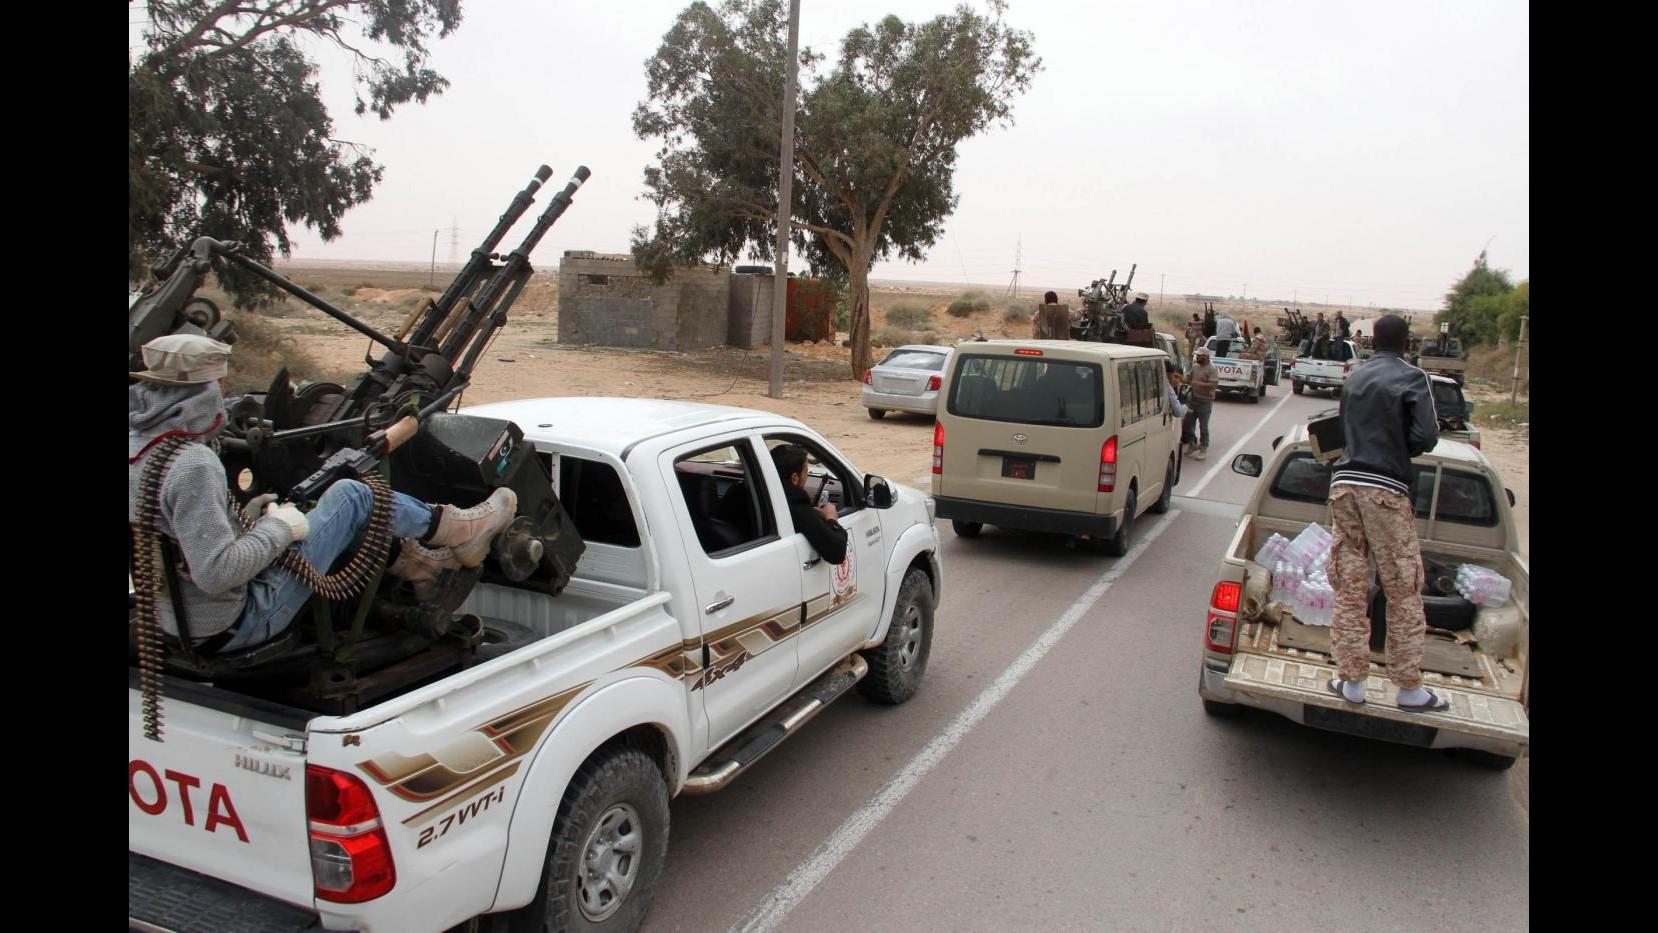 Paesi Ue e Usa condannano attacchi Isis a Sirte. No a soluzione militare conflitto libico